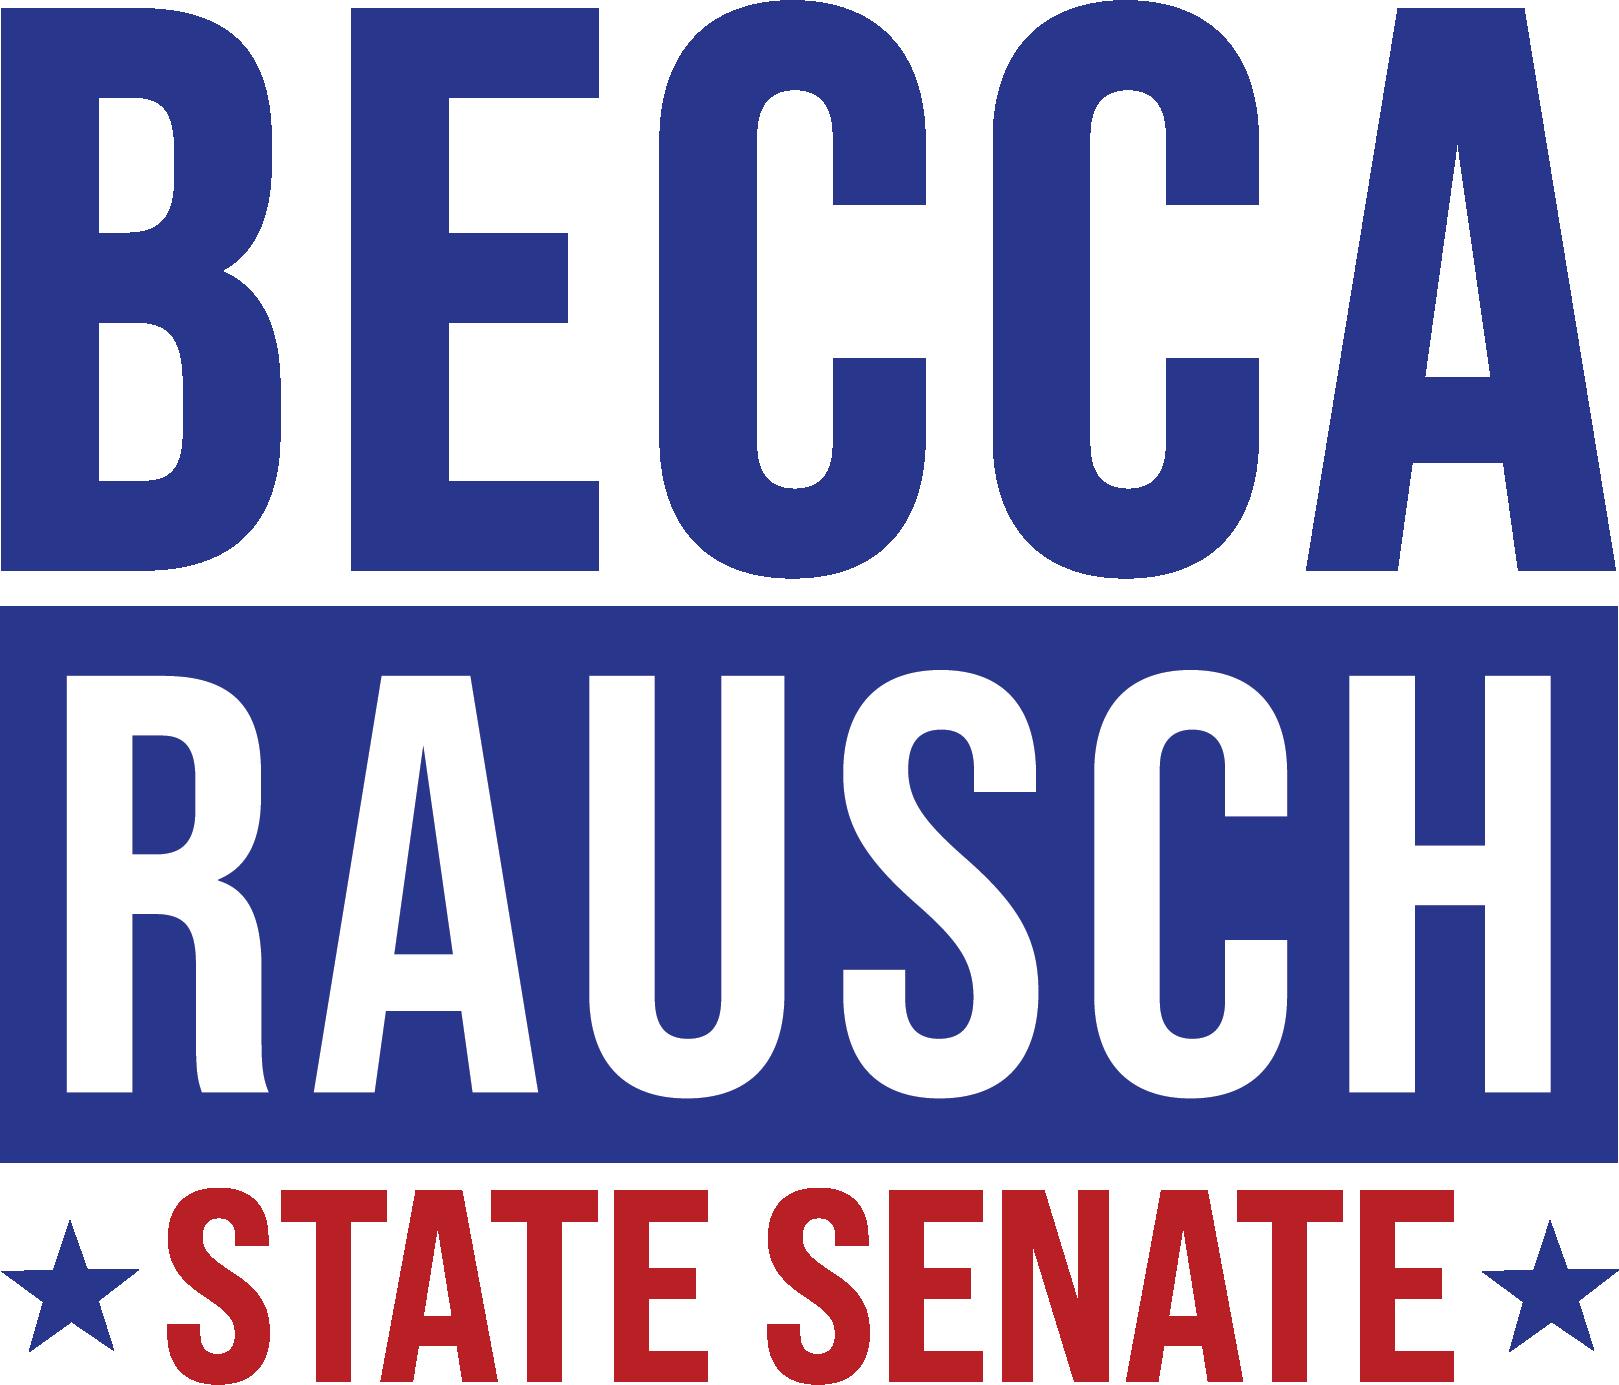 Senator Rausch: Onward!